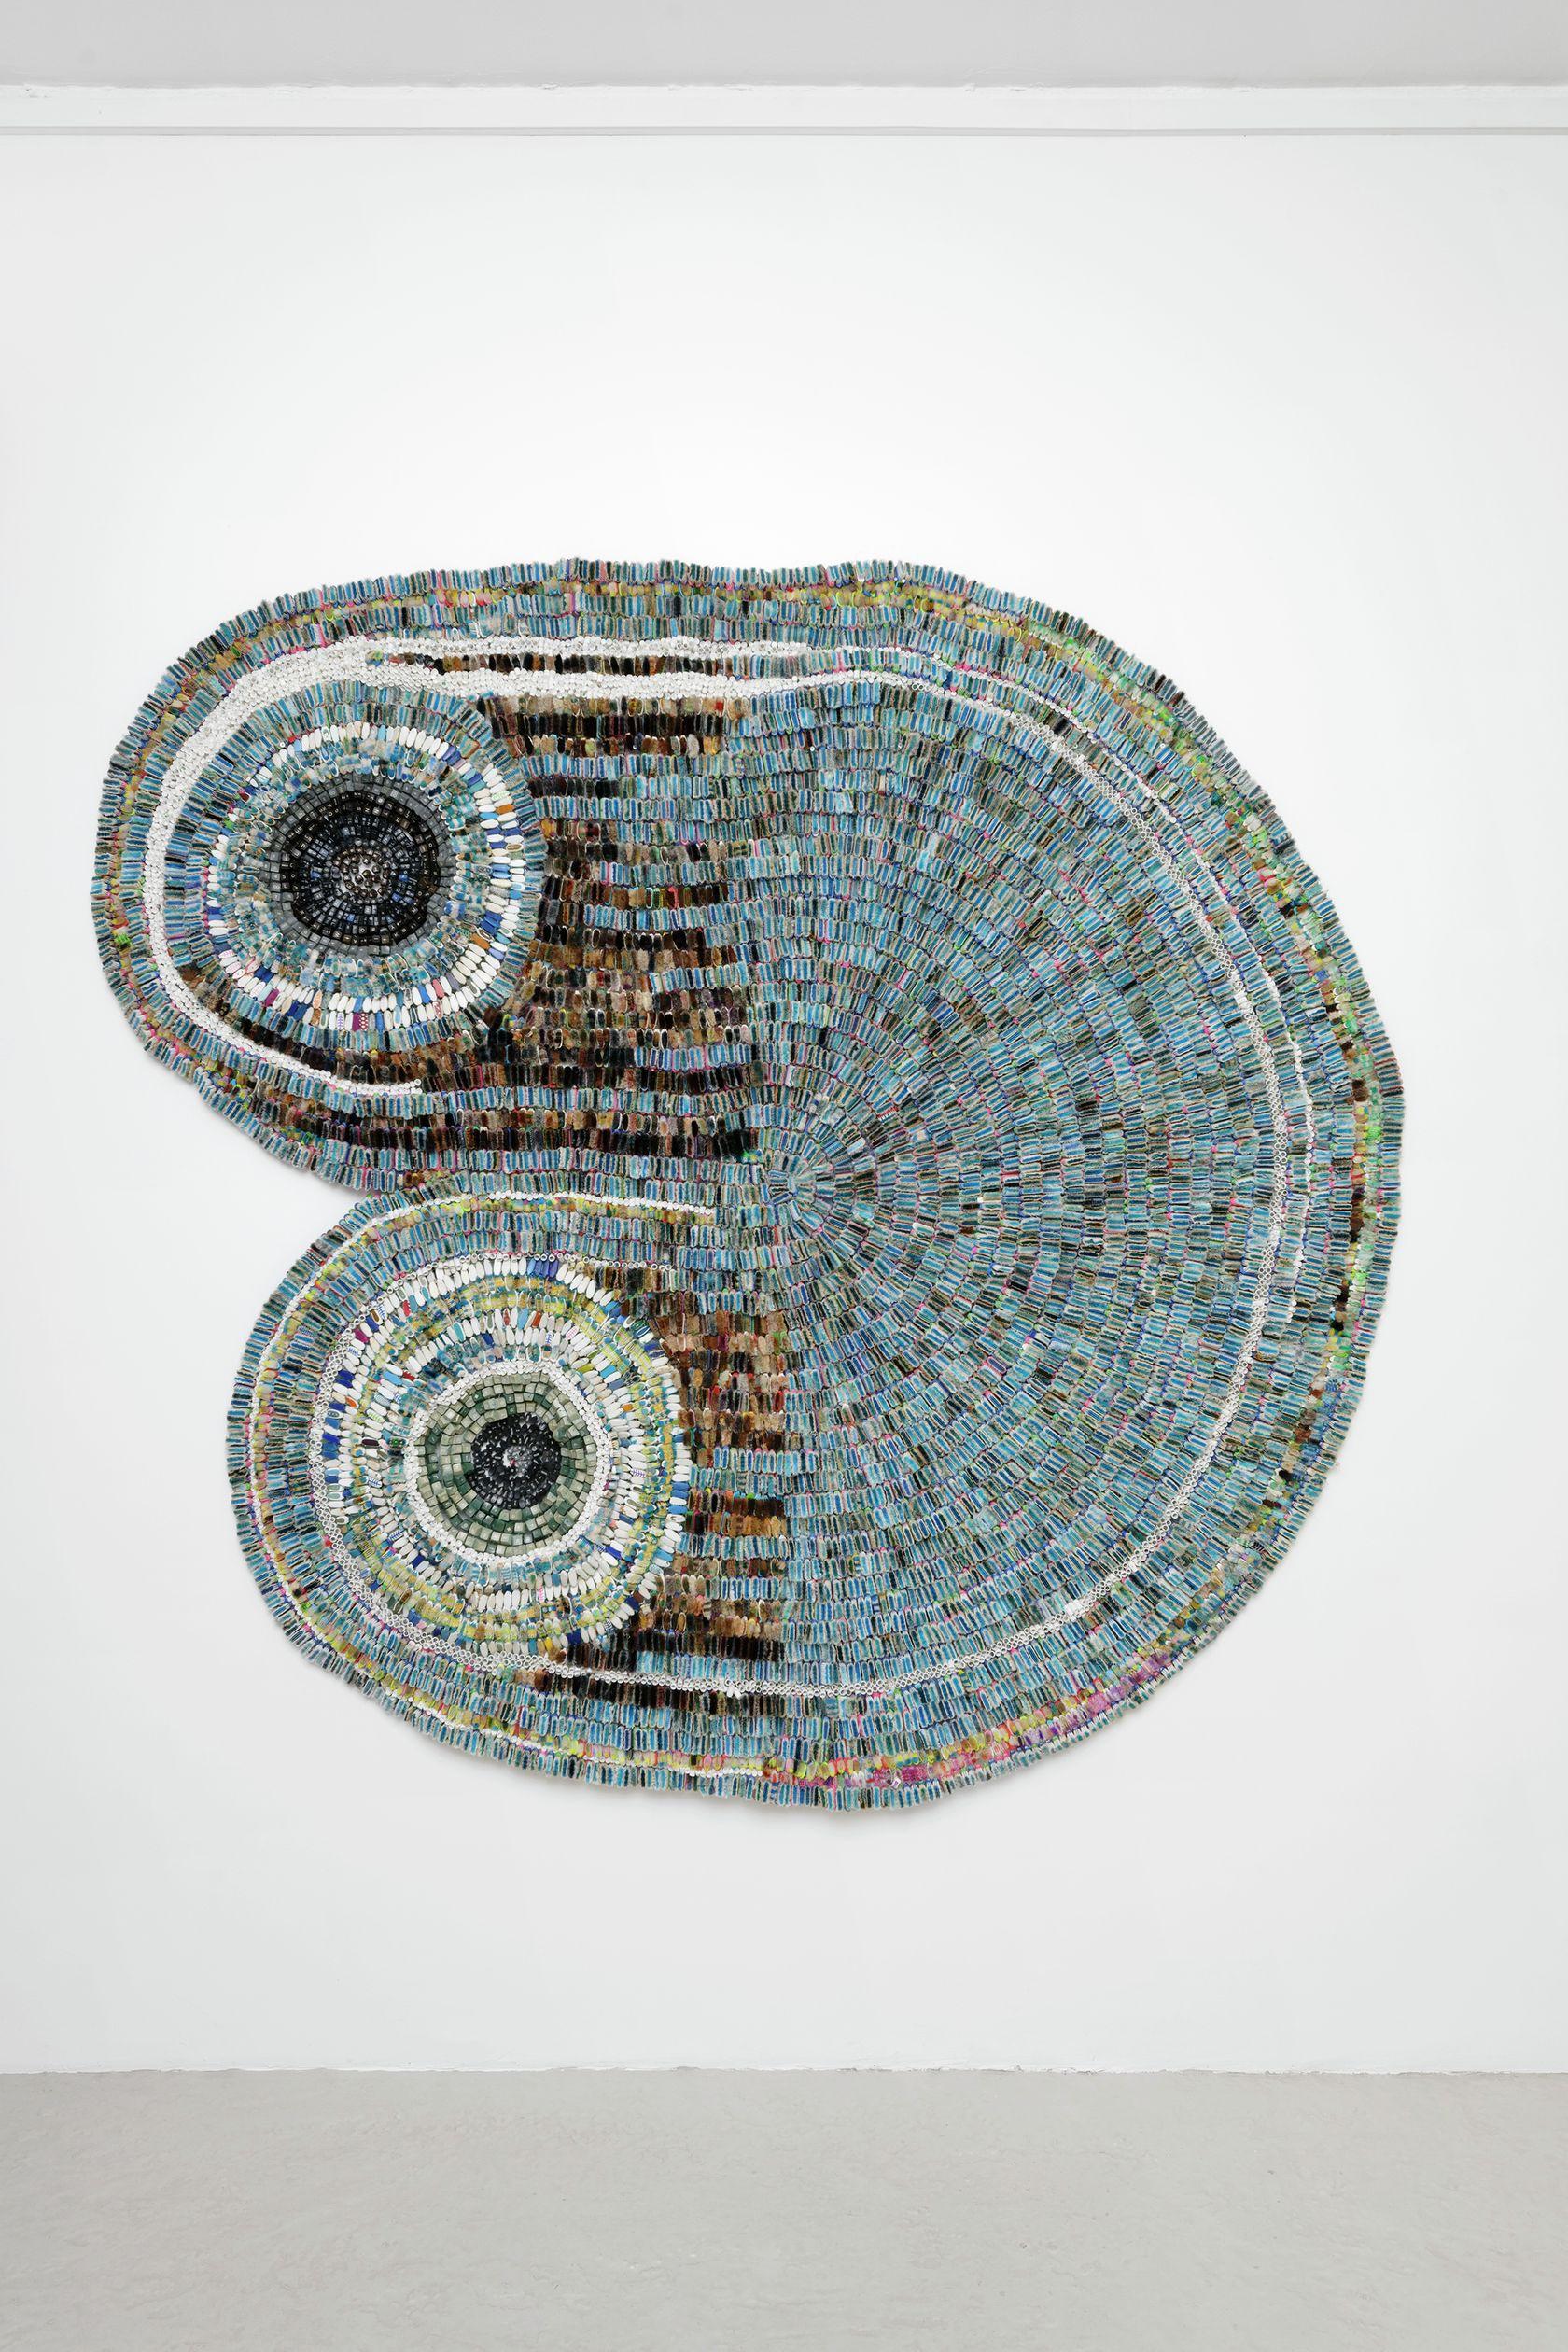 Moffat Takadiwa, Fast Track Land Reform (b), 2020 Touches de clavier en plastique, têtes de brosse à dents en plastique210 × 226 × 8 cm / 82 5/8 × 89  × 3 1/8 in.